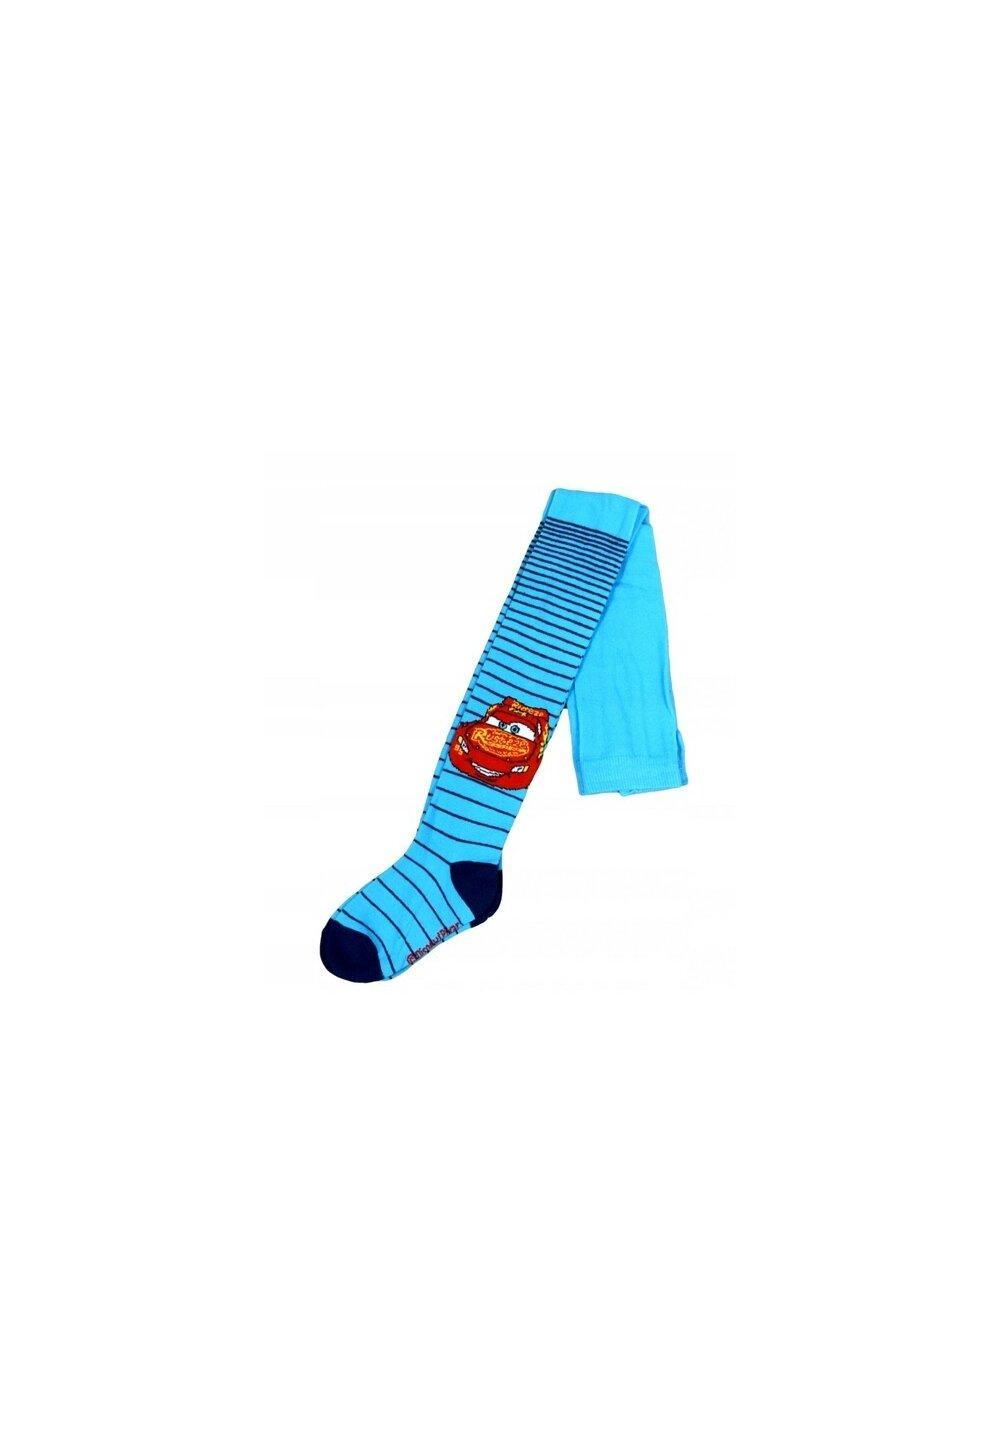 Ciorapi cu chilot, Cars Rusteze, albastri cu dungi imagine